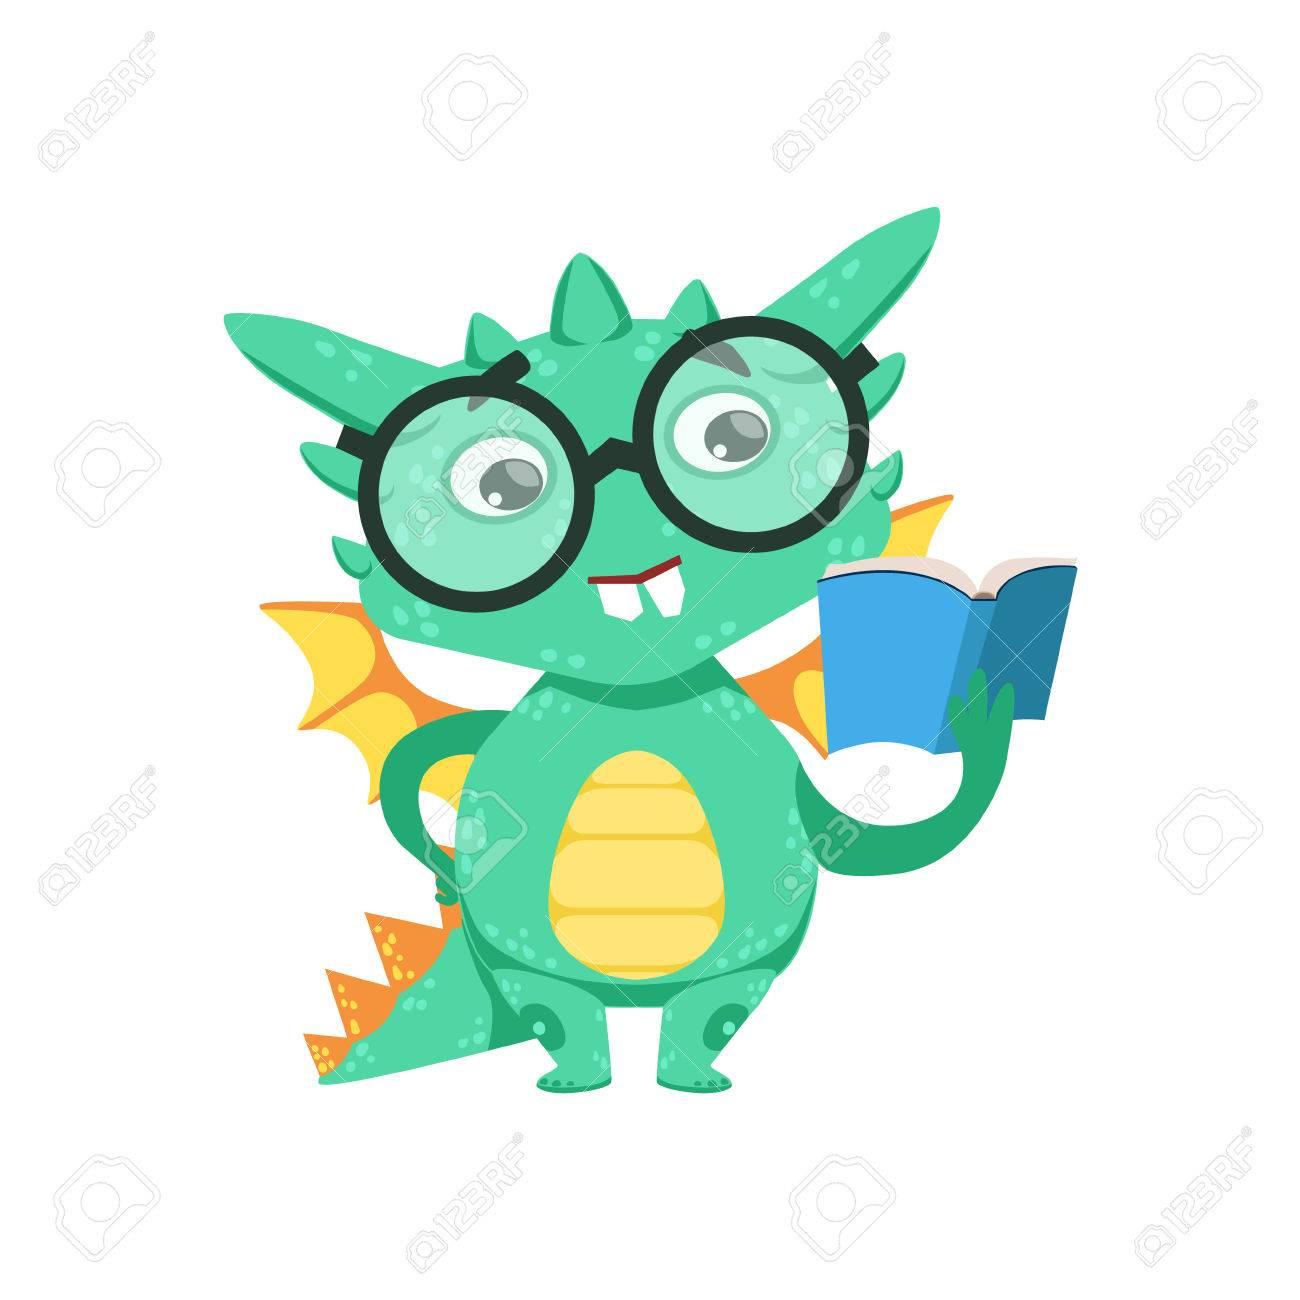 Petit Livre D Anime Smart Bookworm Bebe Dragon Lisant Un Personnage De Dessin Anime Livre Emoji Illustration